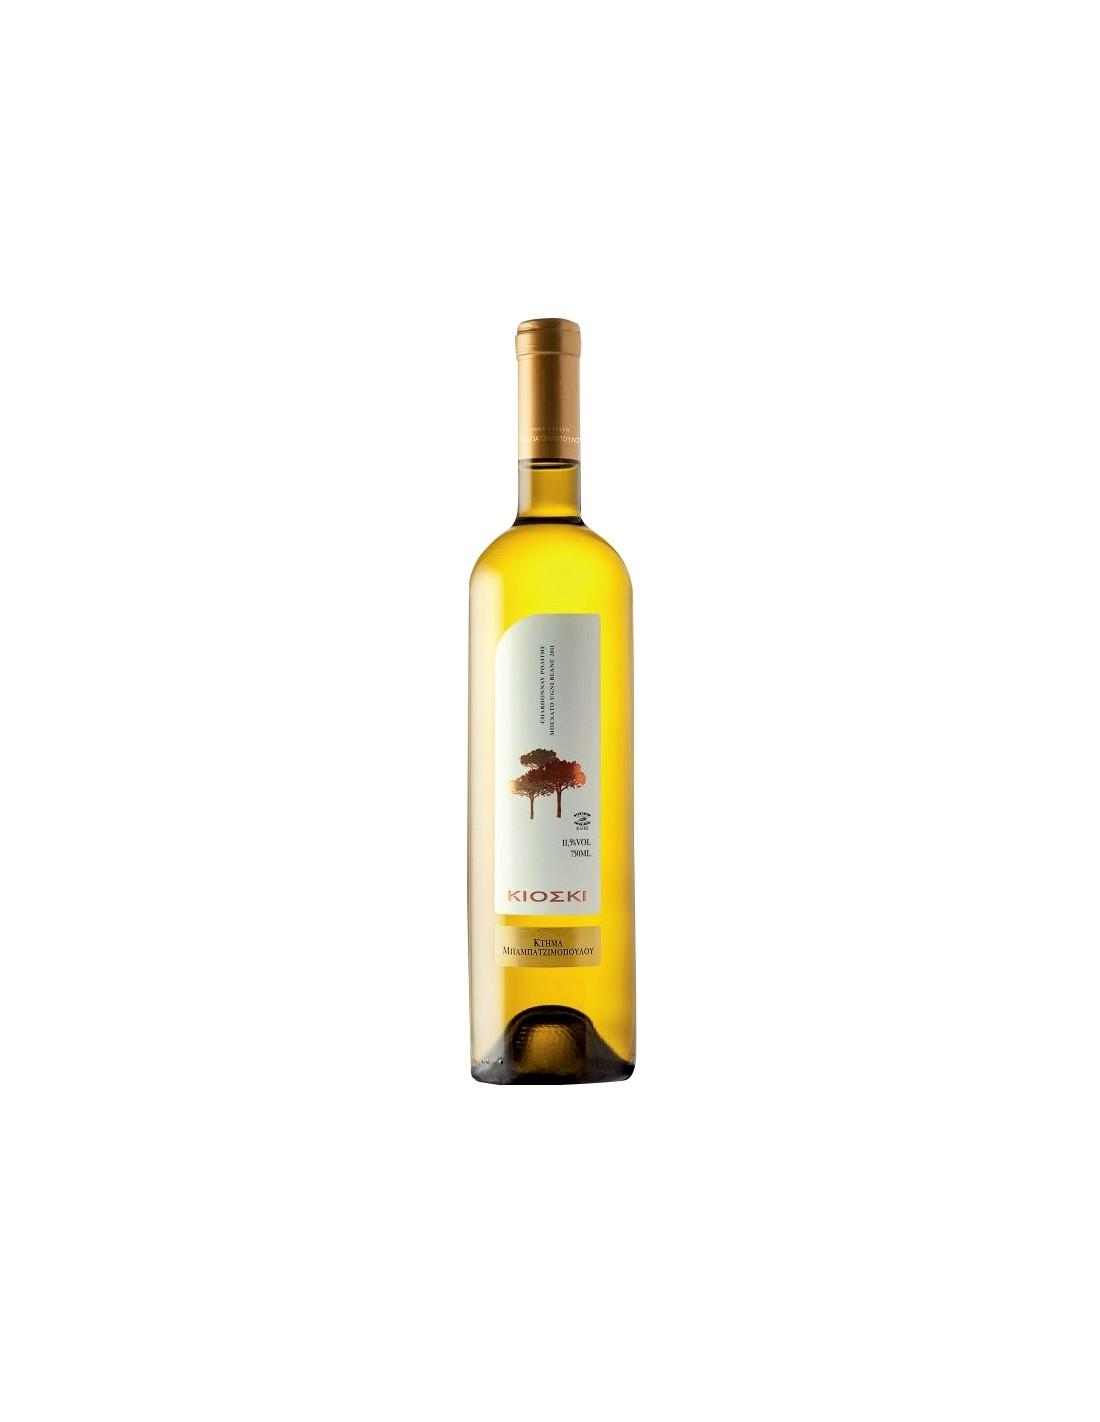 Vin alb sec, Cupaj, Kioski Si Of Vertiskos Thessaloniki, 0.75L, 11.5% alc., Grecia